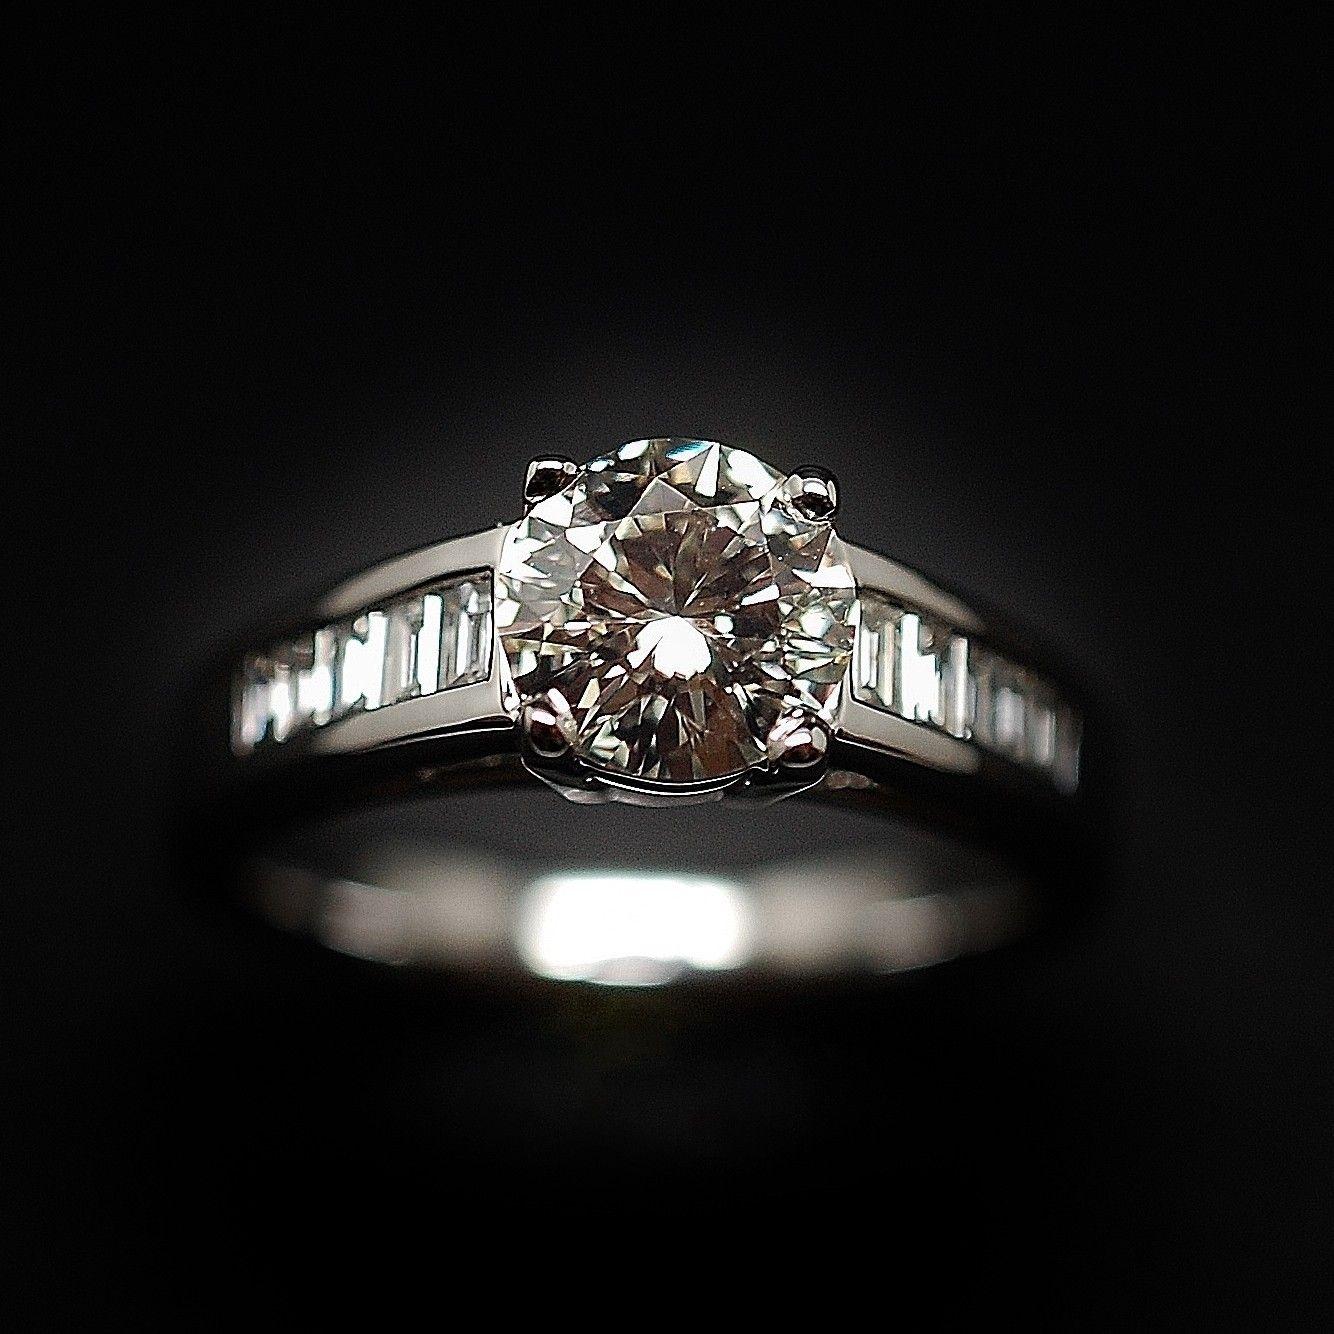 bague diamant solitaire a vendre